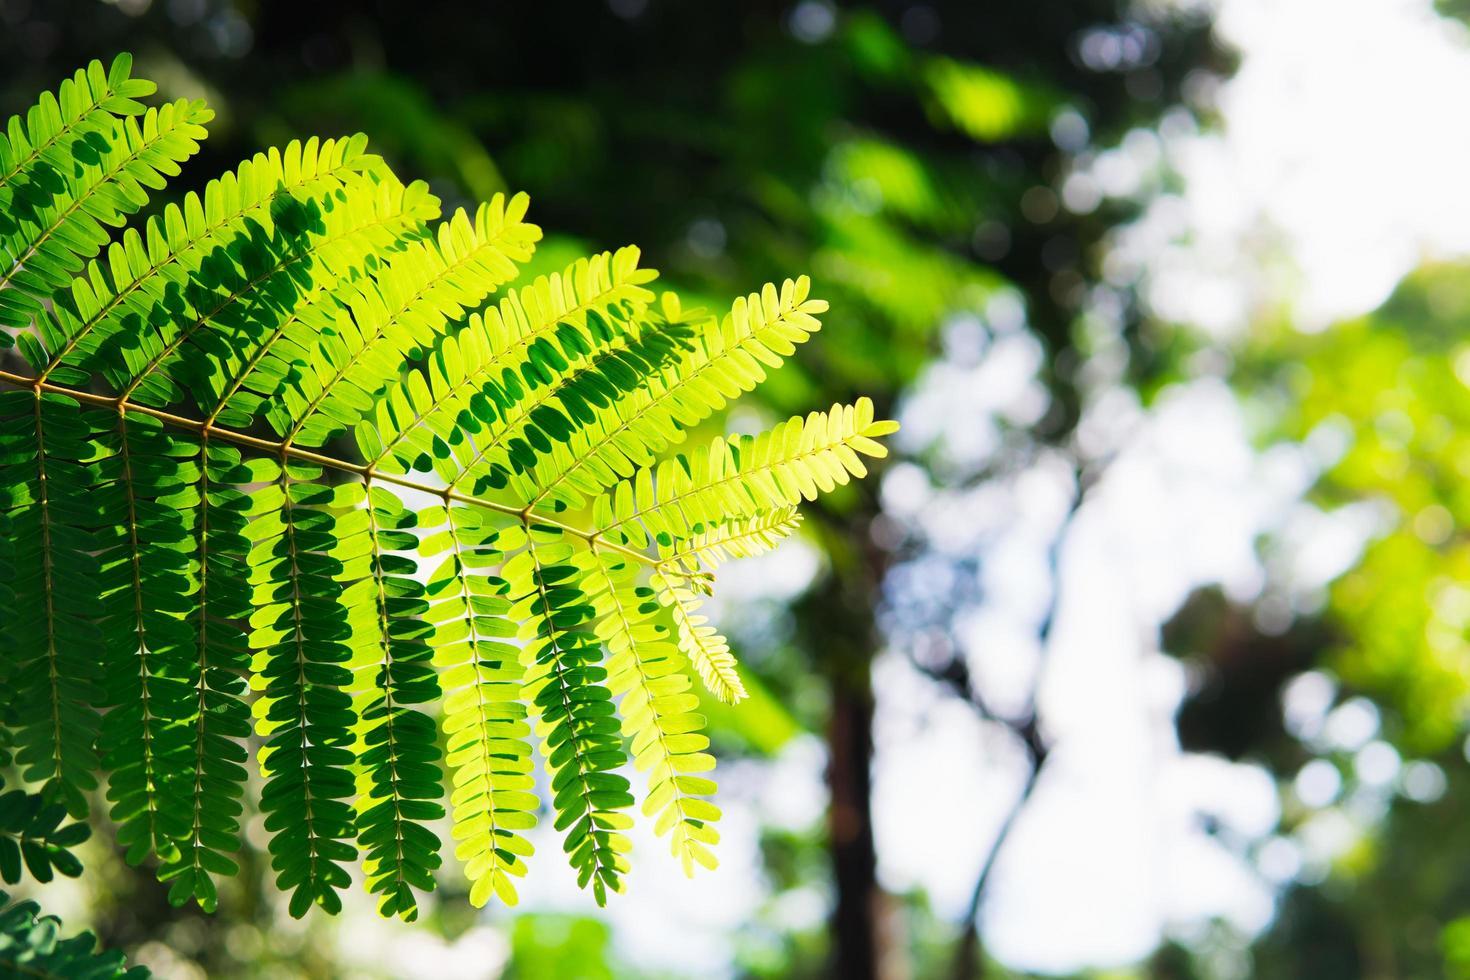 närbild av fern blad foto